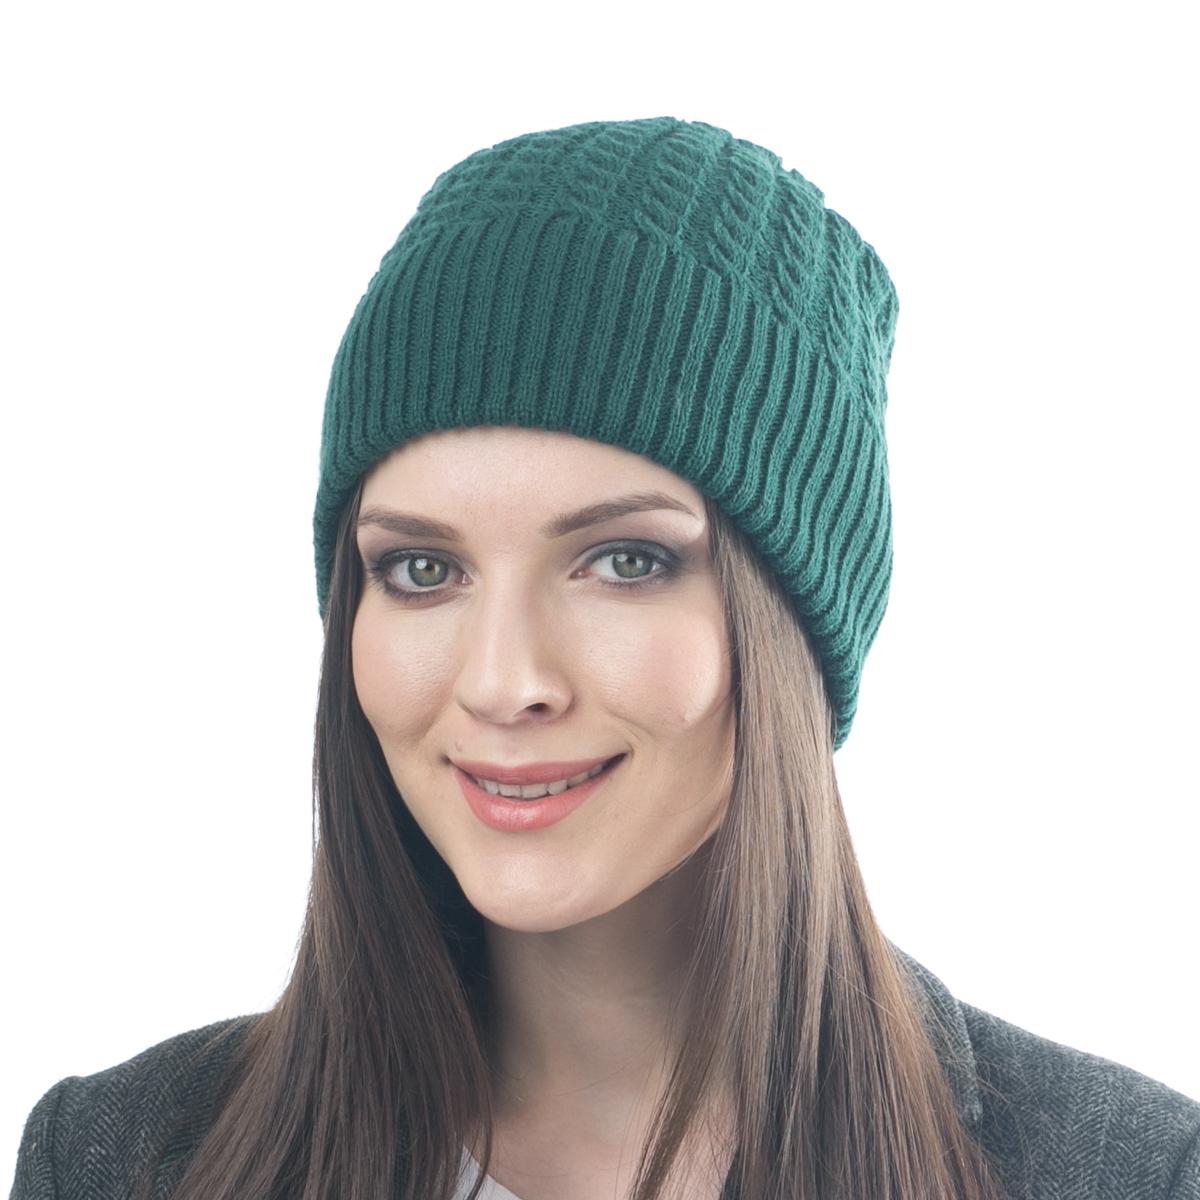 07FJСтильная двусторонняя шапка Flioraj выполнена из шерсти с добавлением вискозы и полиамида. Модель имеет крупную плотную вязку и оформлена оригинальным вязаным рисунком. Уважаемые клиенты! Размер, доступный для заказа, является обхватом головы.